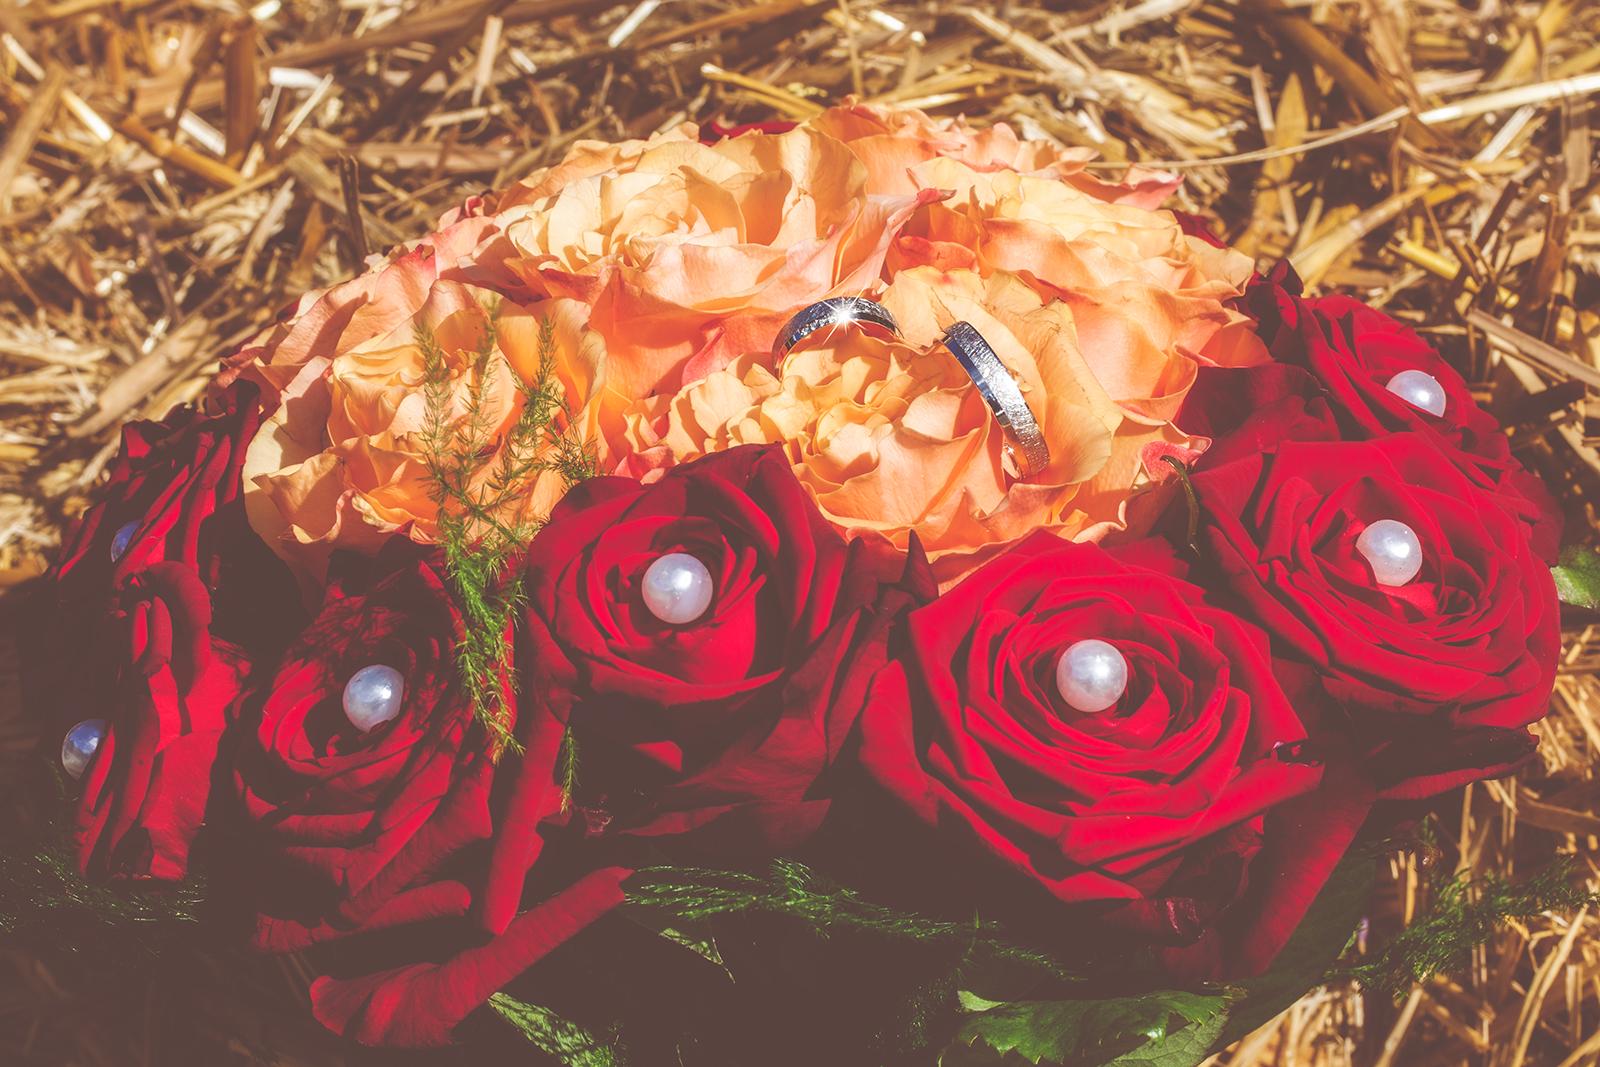 Hochzeitsfoto mit dem Brautstrauß und den Eheringen